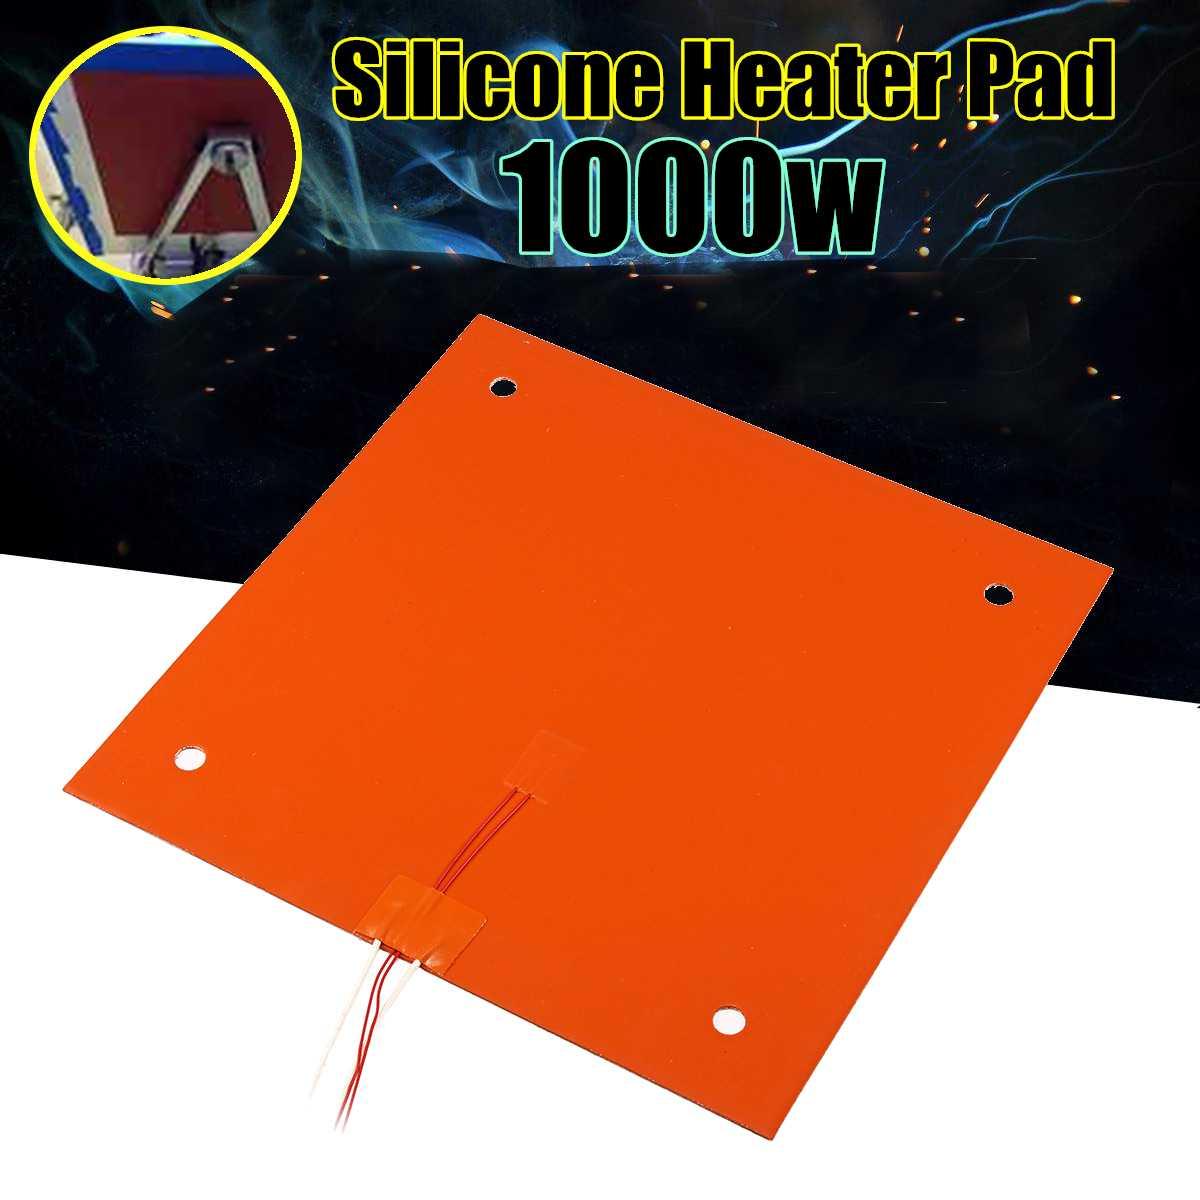 Réchauffeur de silicone électrique Pad Pour CR-10 3D Imprimante Lit Plaque Chauffante Chauffage Tapis Heatbed 120 V 1000 W 3D Imprimante Accessoires Pièces